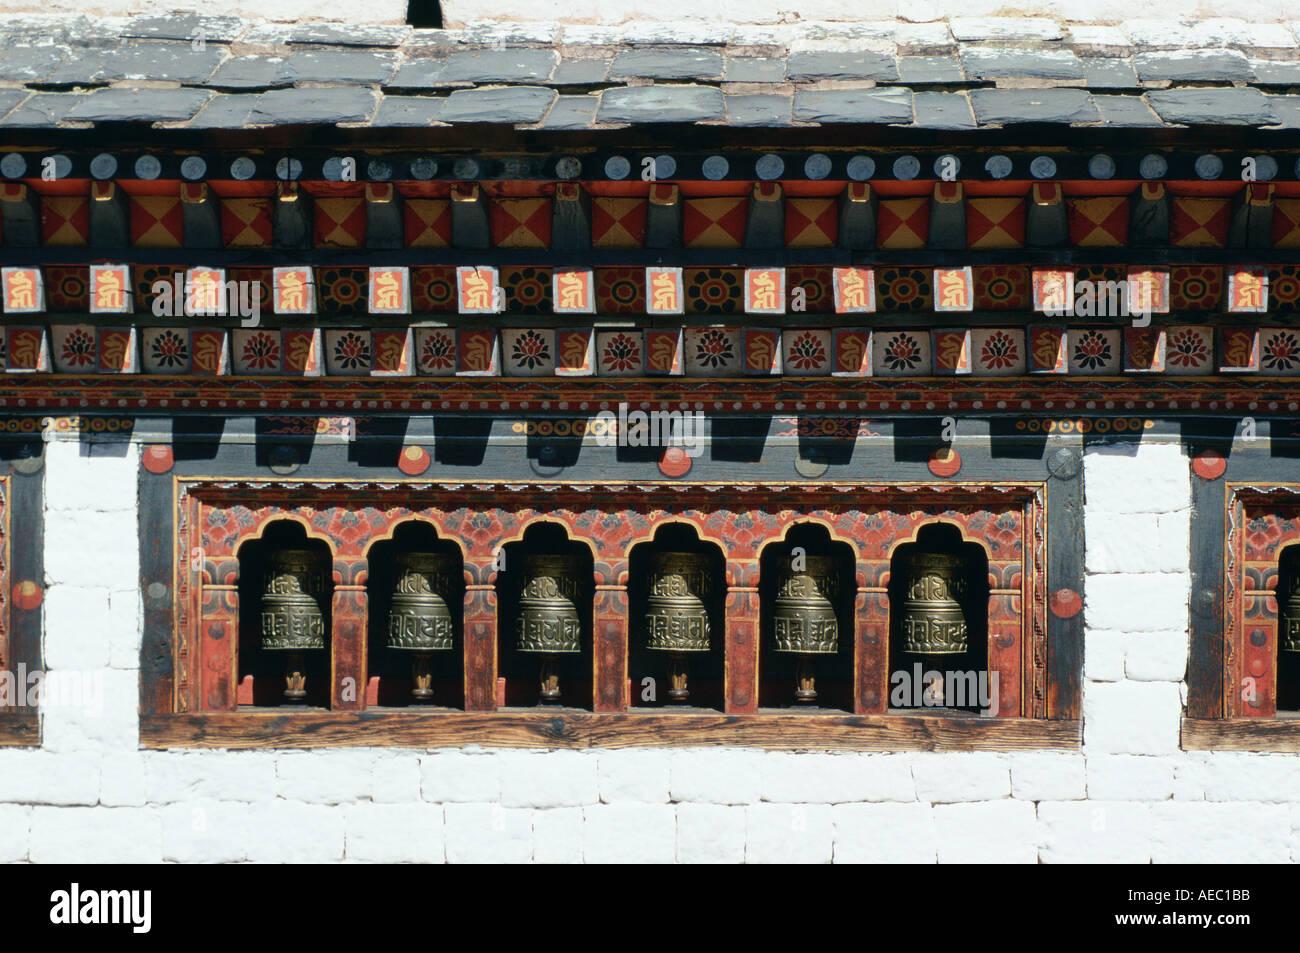 Roues de prière Tashichho Dzong du Bhoutan Photo Stock